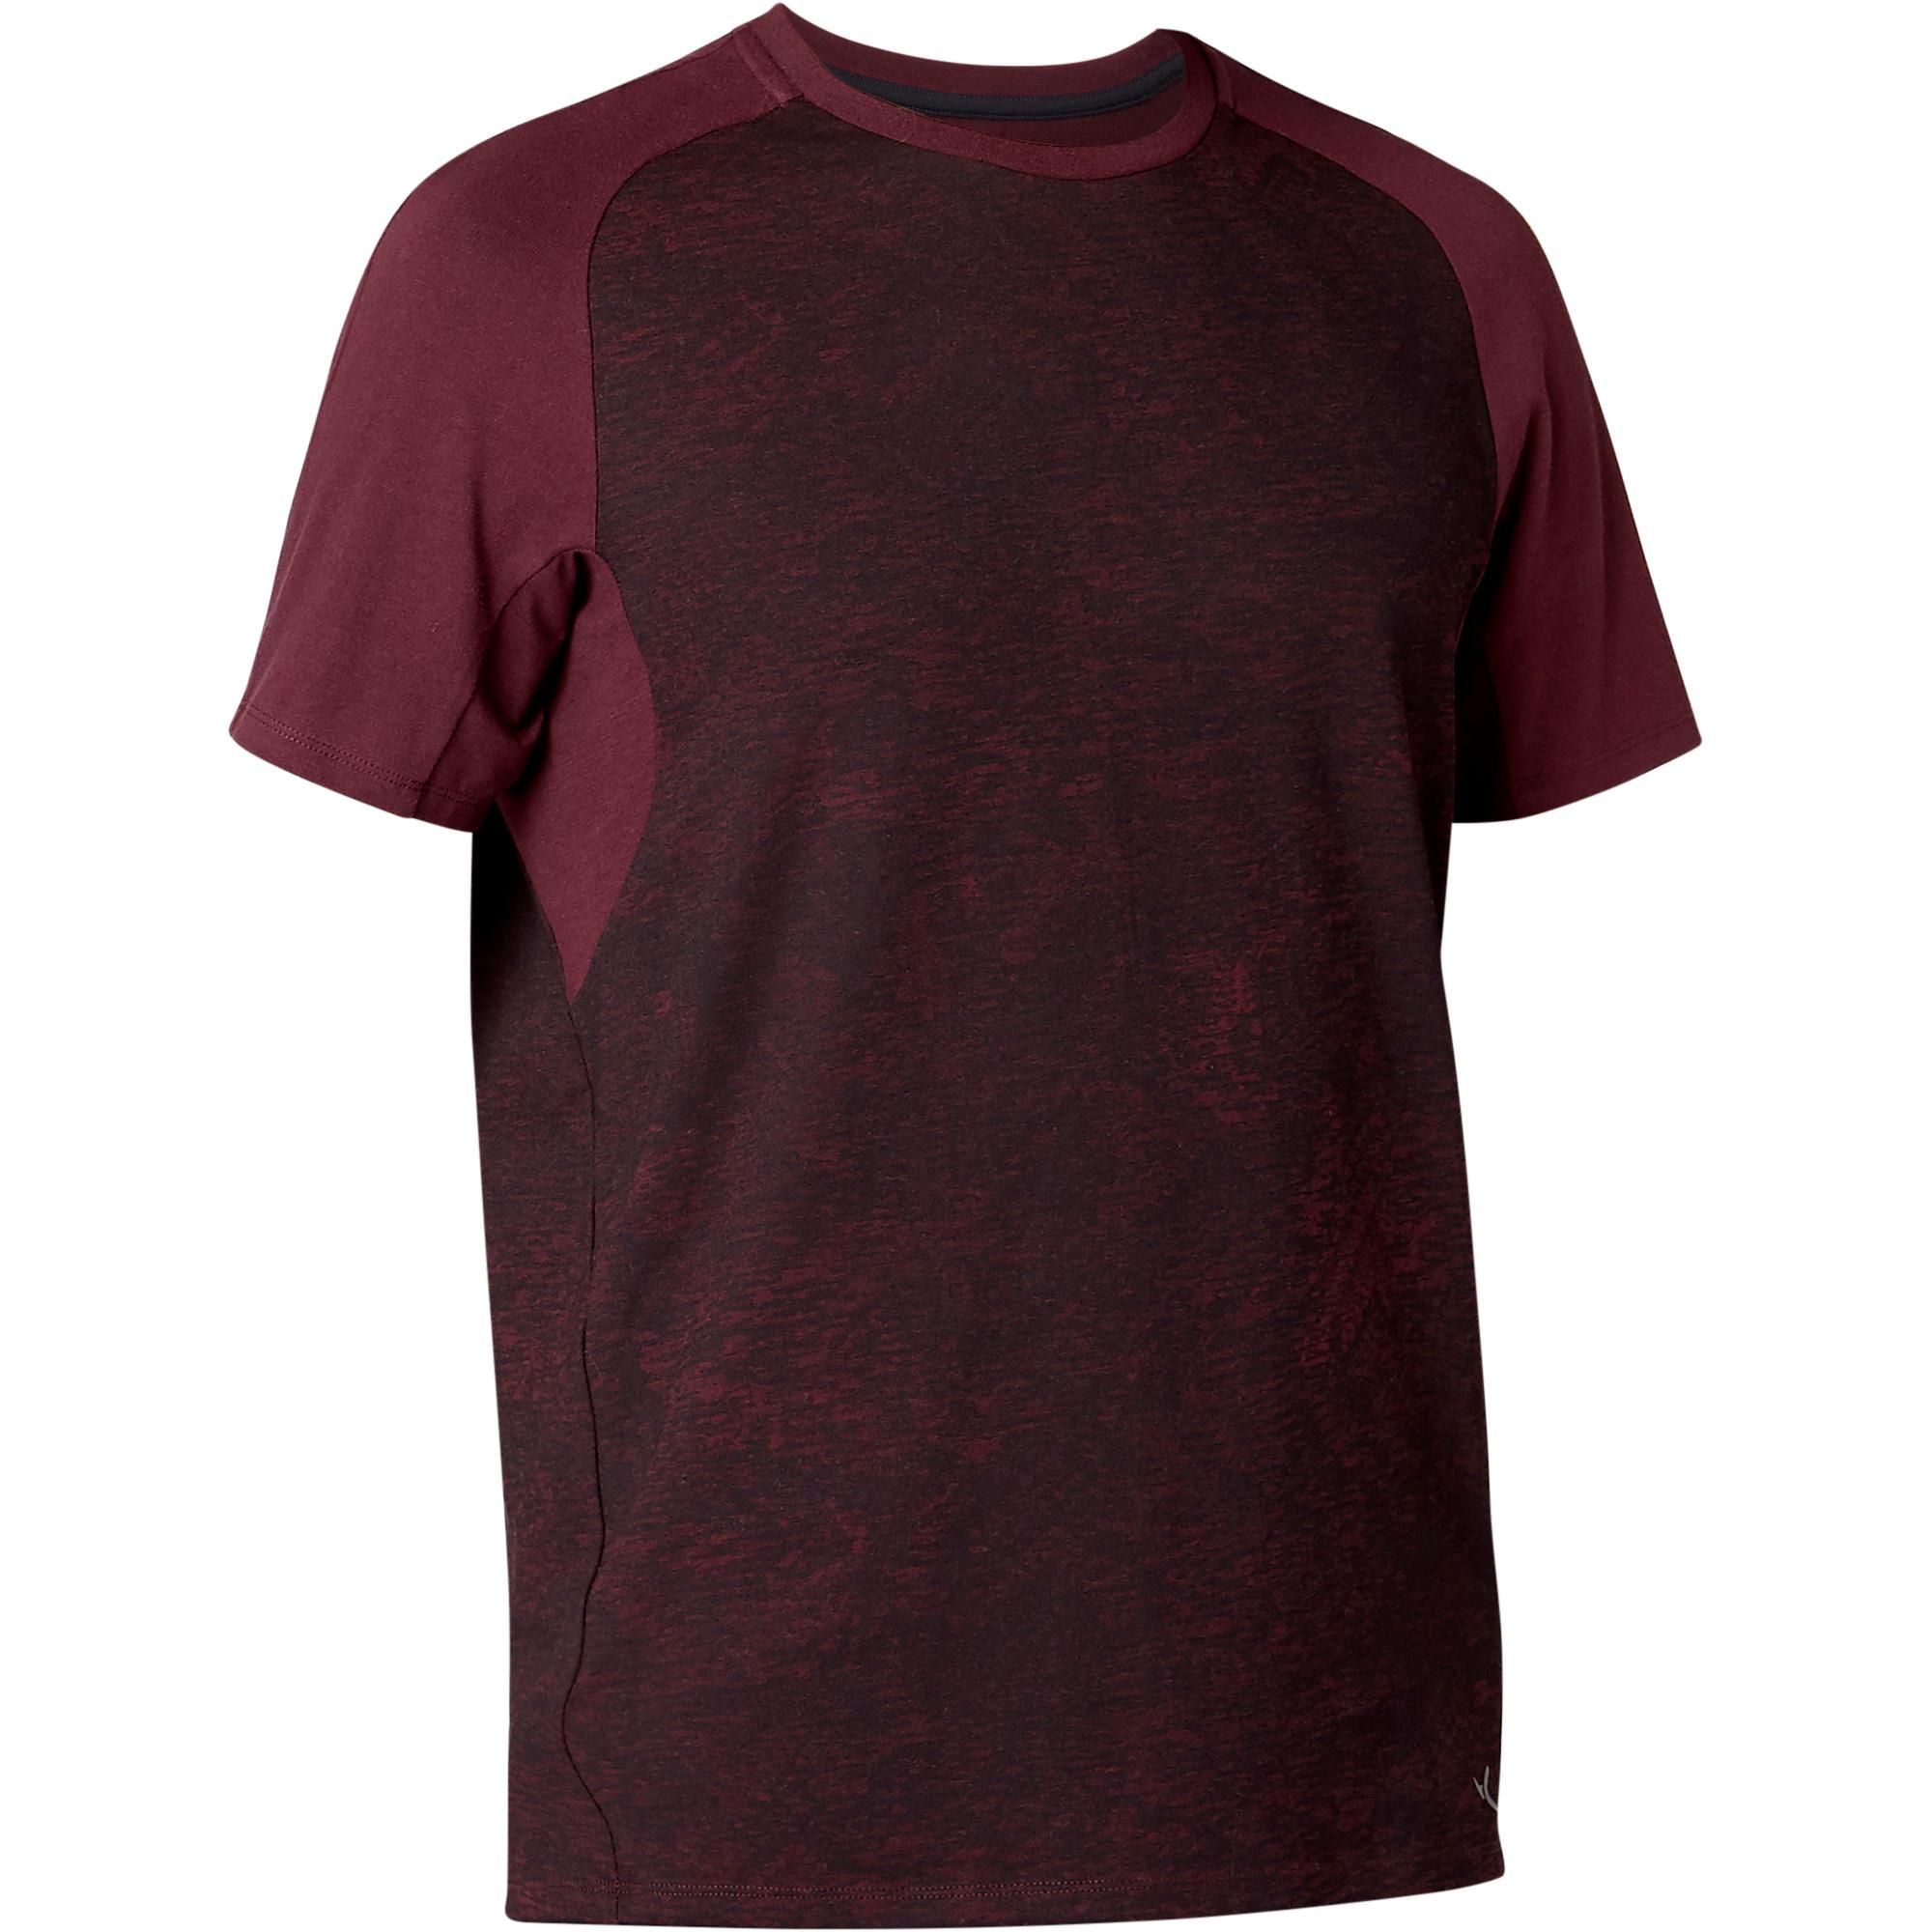 T shirt 520 regular pilates gym douce homme bordeaux printé domyos